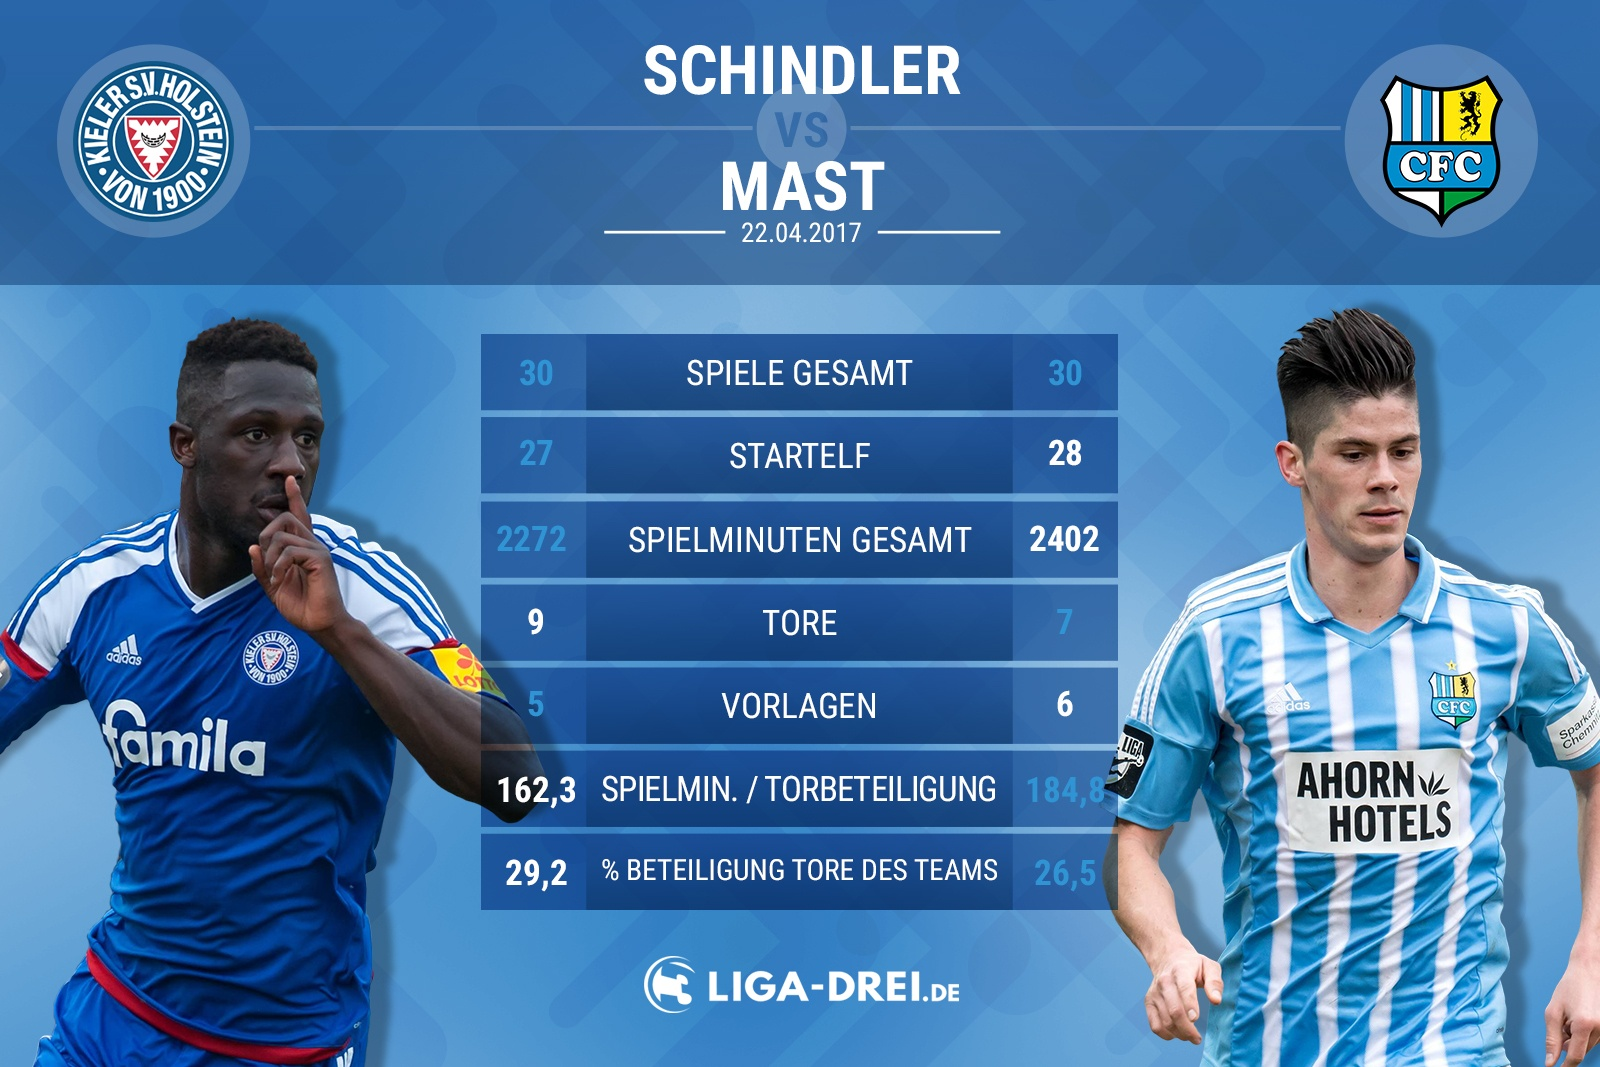 Spielervergleich zwischen Schindler von Kiel und Mast von Chemnitz